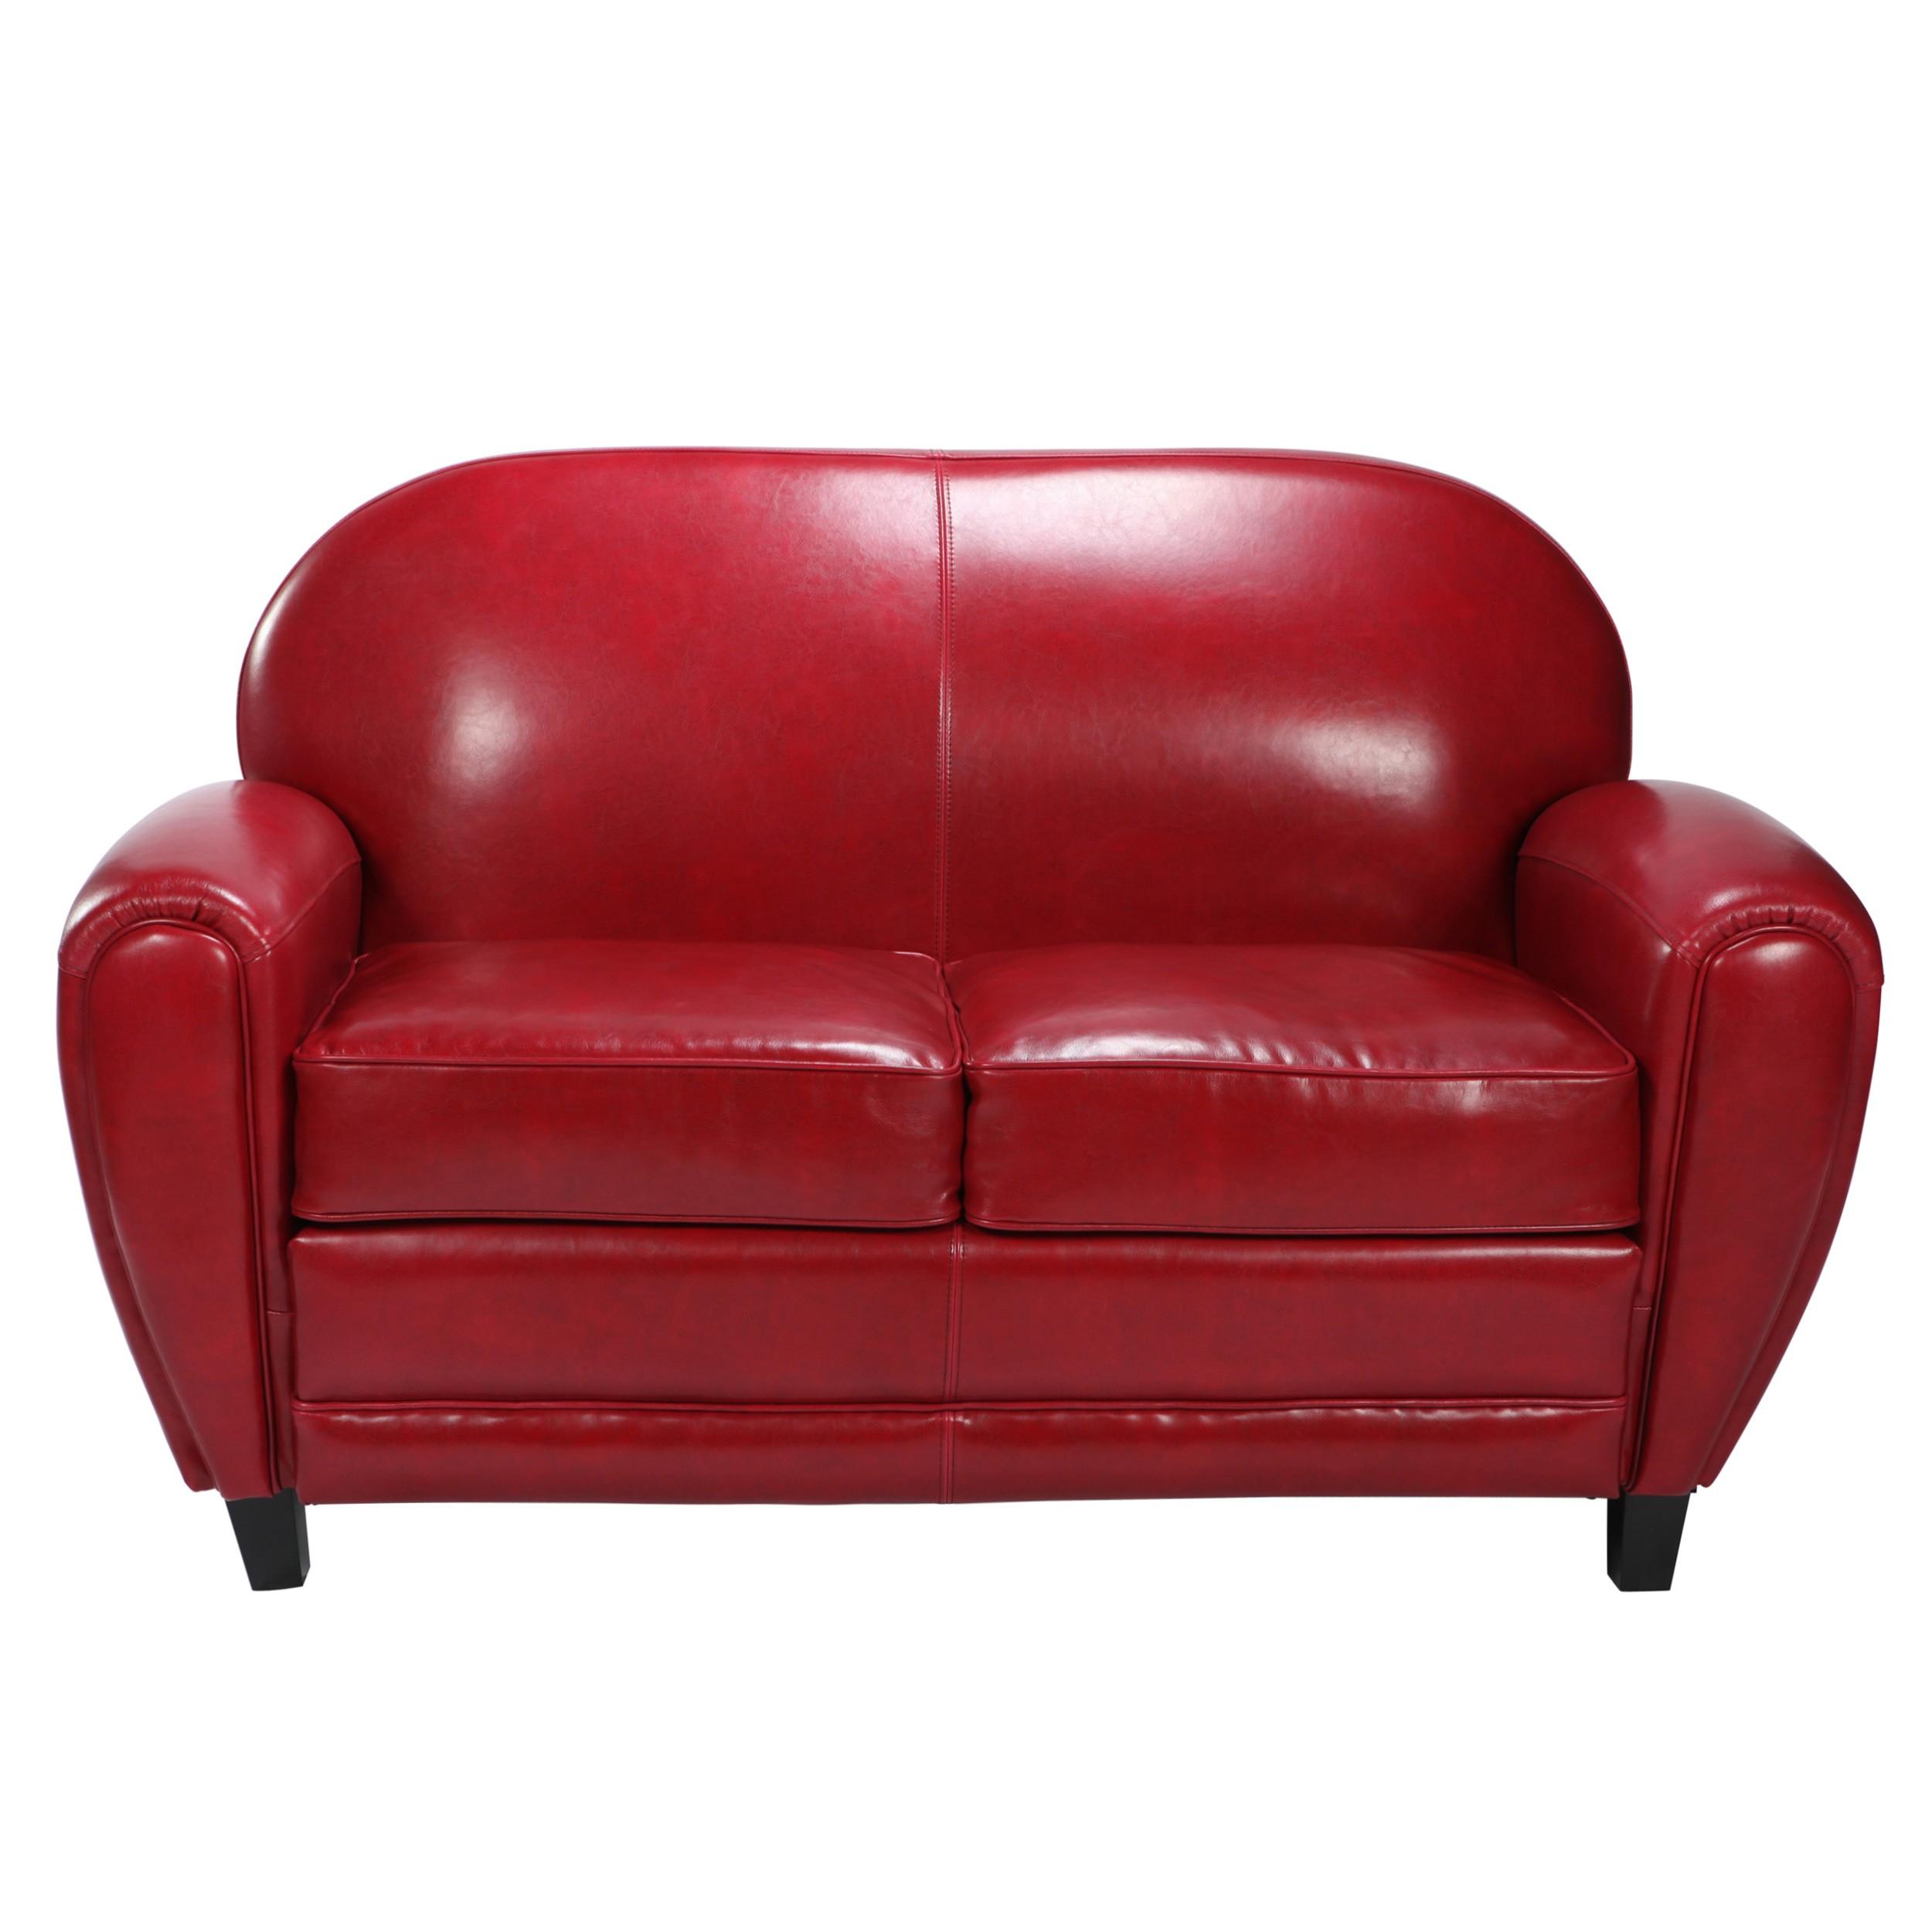 Canapé Club cuir rouge optez pour nos canapés club RDV